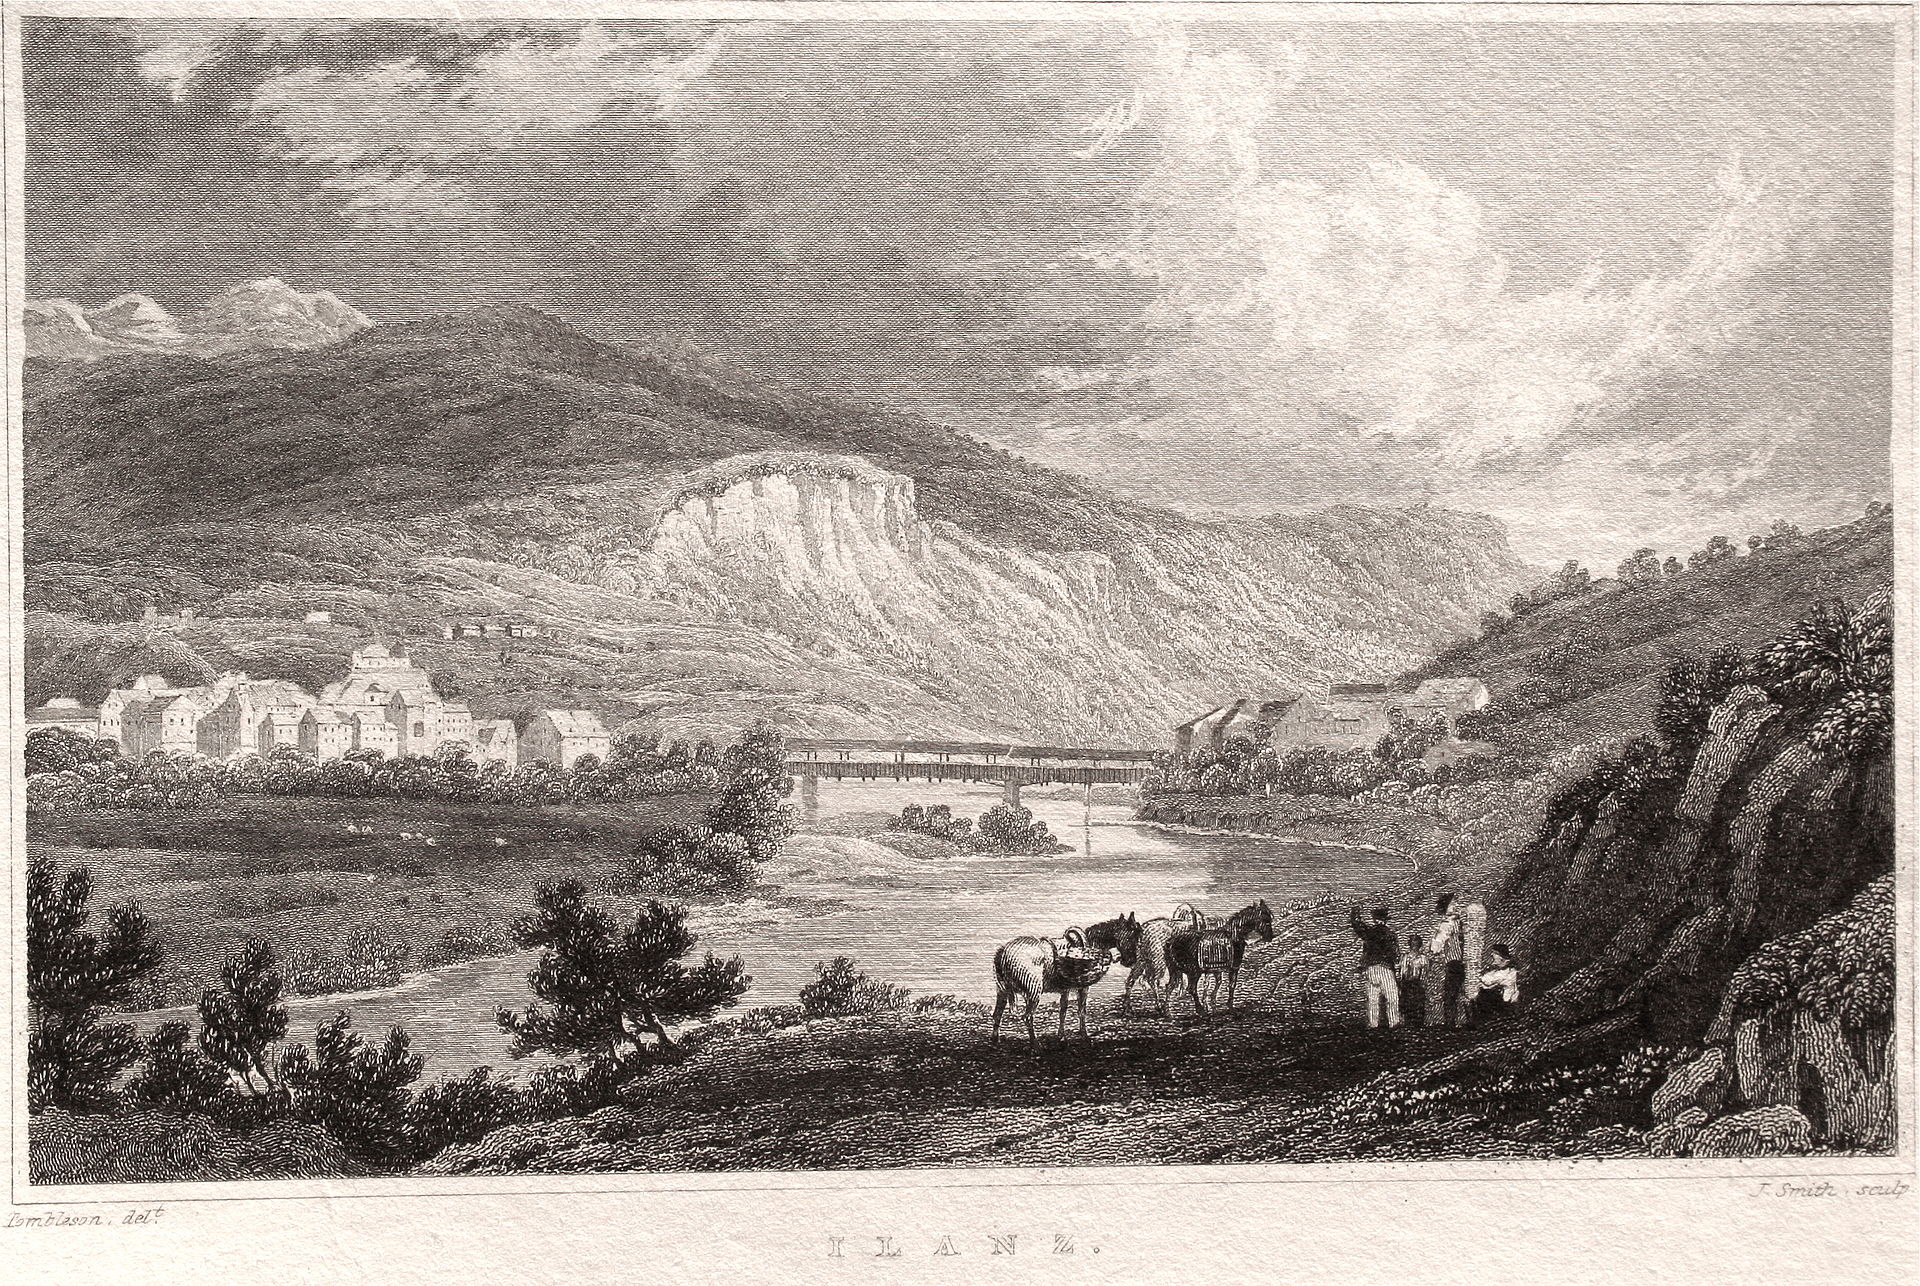 Ilanz en 1830